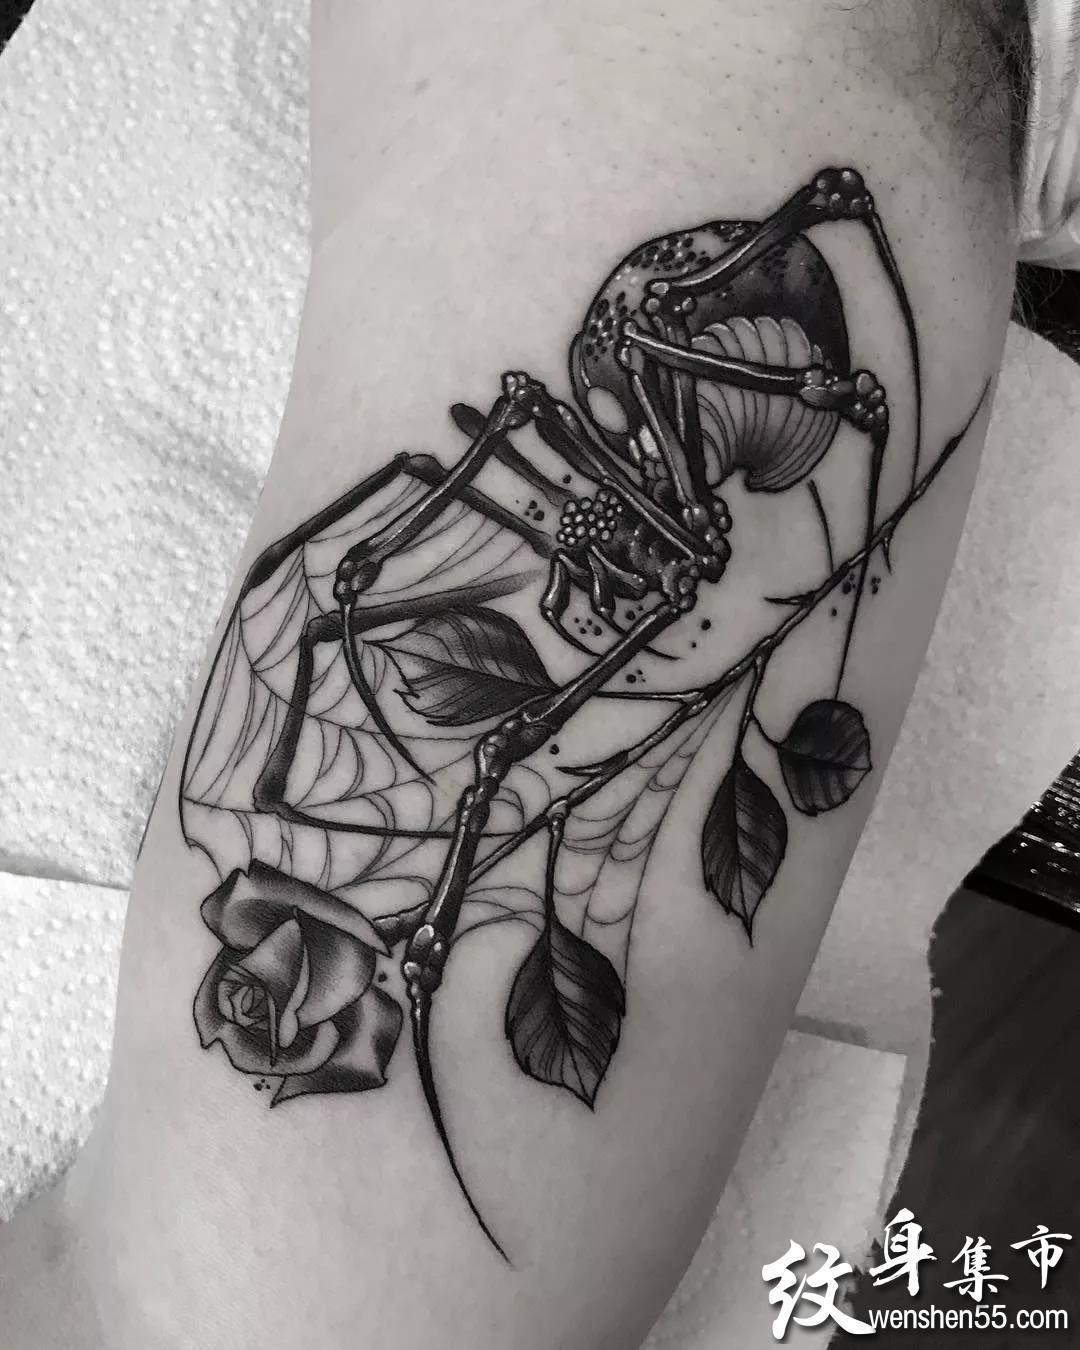 暗黑蜘蛛纹身,暗黑蜘蛛纹身手稿图案